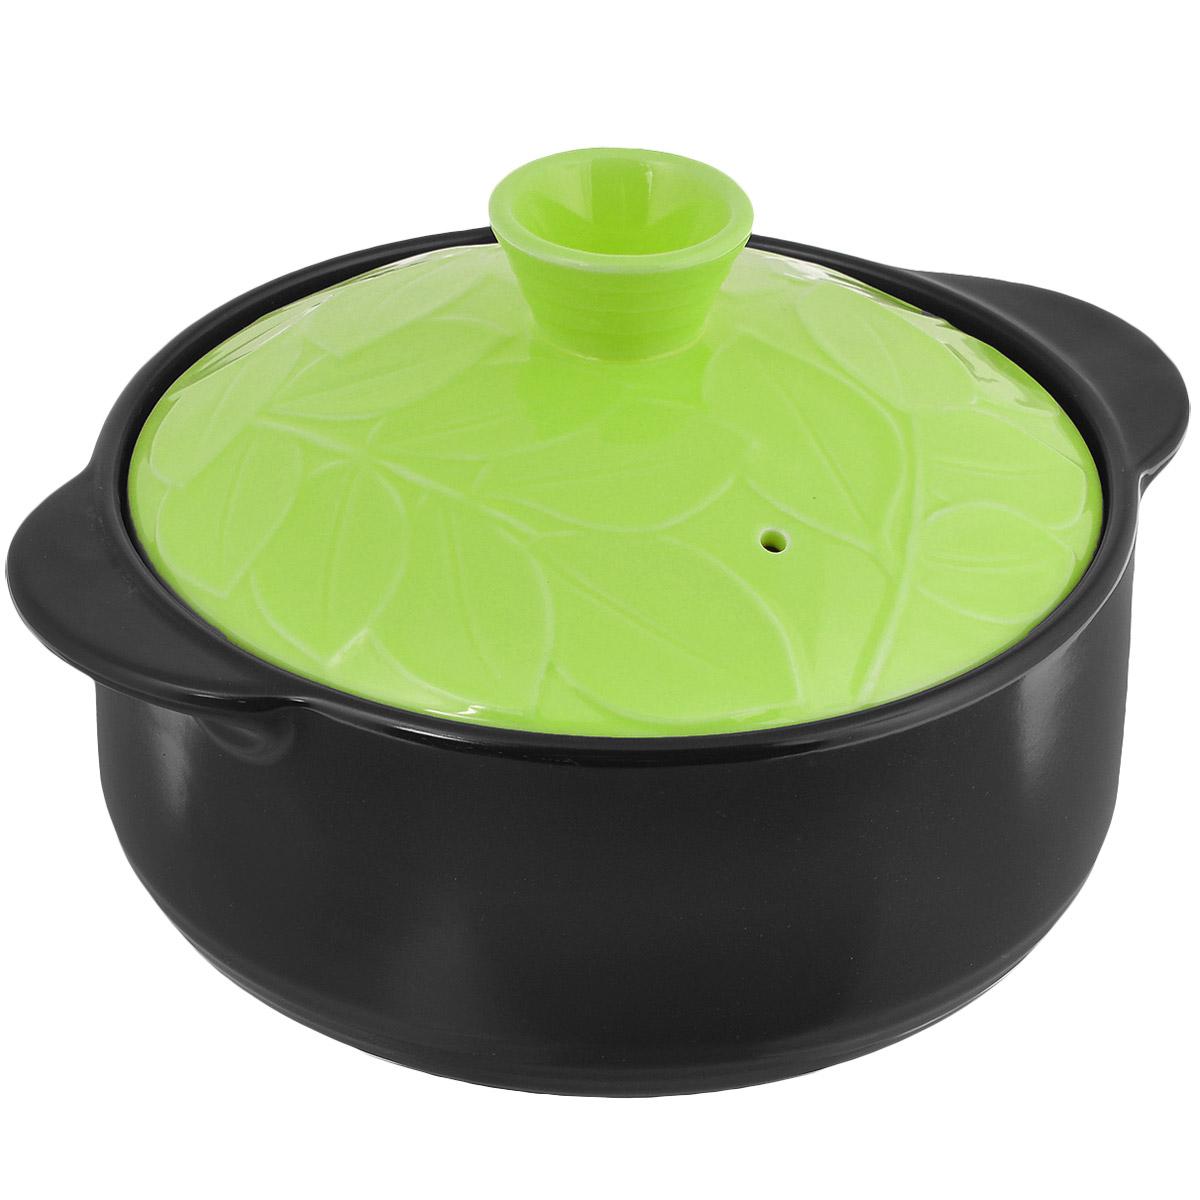 Кастрюля керамическая Hans & Gretchen с крышкой, цвет: зеленый, 1,1 л12NF-G16Кастрюля Hans & Gretchen изготовлена из экологически чистой жаропрочной керамики. Керамическая крышка кастрюли оснащена отверстием для выпуска пара. Кастрюля равномерно нагревает блюдо, долго сохраняя тепло и не выделяя абсолютно никаких примесей в пищу. Кастрюля не искажает, а даже усиливает вкус пищи. Крышка изделия оформлена рельефным изображением листьев. Превосходно служит для замораживания продуктов в холодильнике (до -20°С). Кастрюля устойчива к химическим и механическим воздействиям. Благодаря толстым стенкам изделие нагревается равномерно. Кастрюля Hans & Gretchen прекрасно подойдет для запекания и тушения овощей, мяса и других блюд, а оригинальный дизайн и яркое оформление украсят ваш стол. Можно мыть в посудомоечной машине. Кастрюля предназначена для использования на газовой и электрической плитах, в духовке и микроволновой печи. Не подходит для индукционных плит. Высота стенки: 7,5 см. Ширина кастрюли (с учетом ручек): 21 см. ...